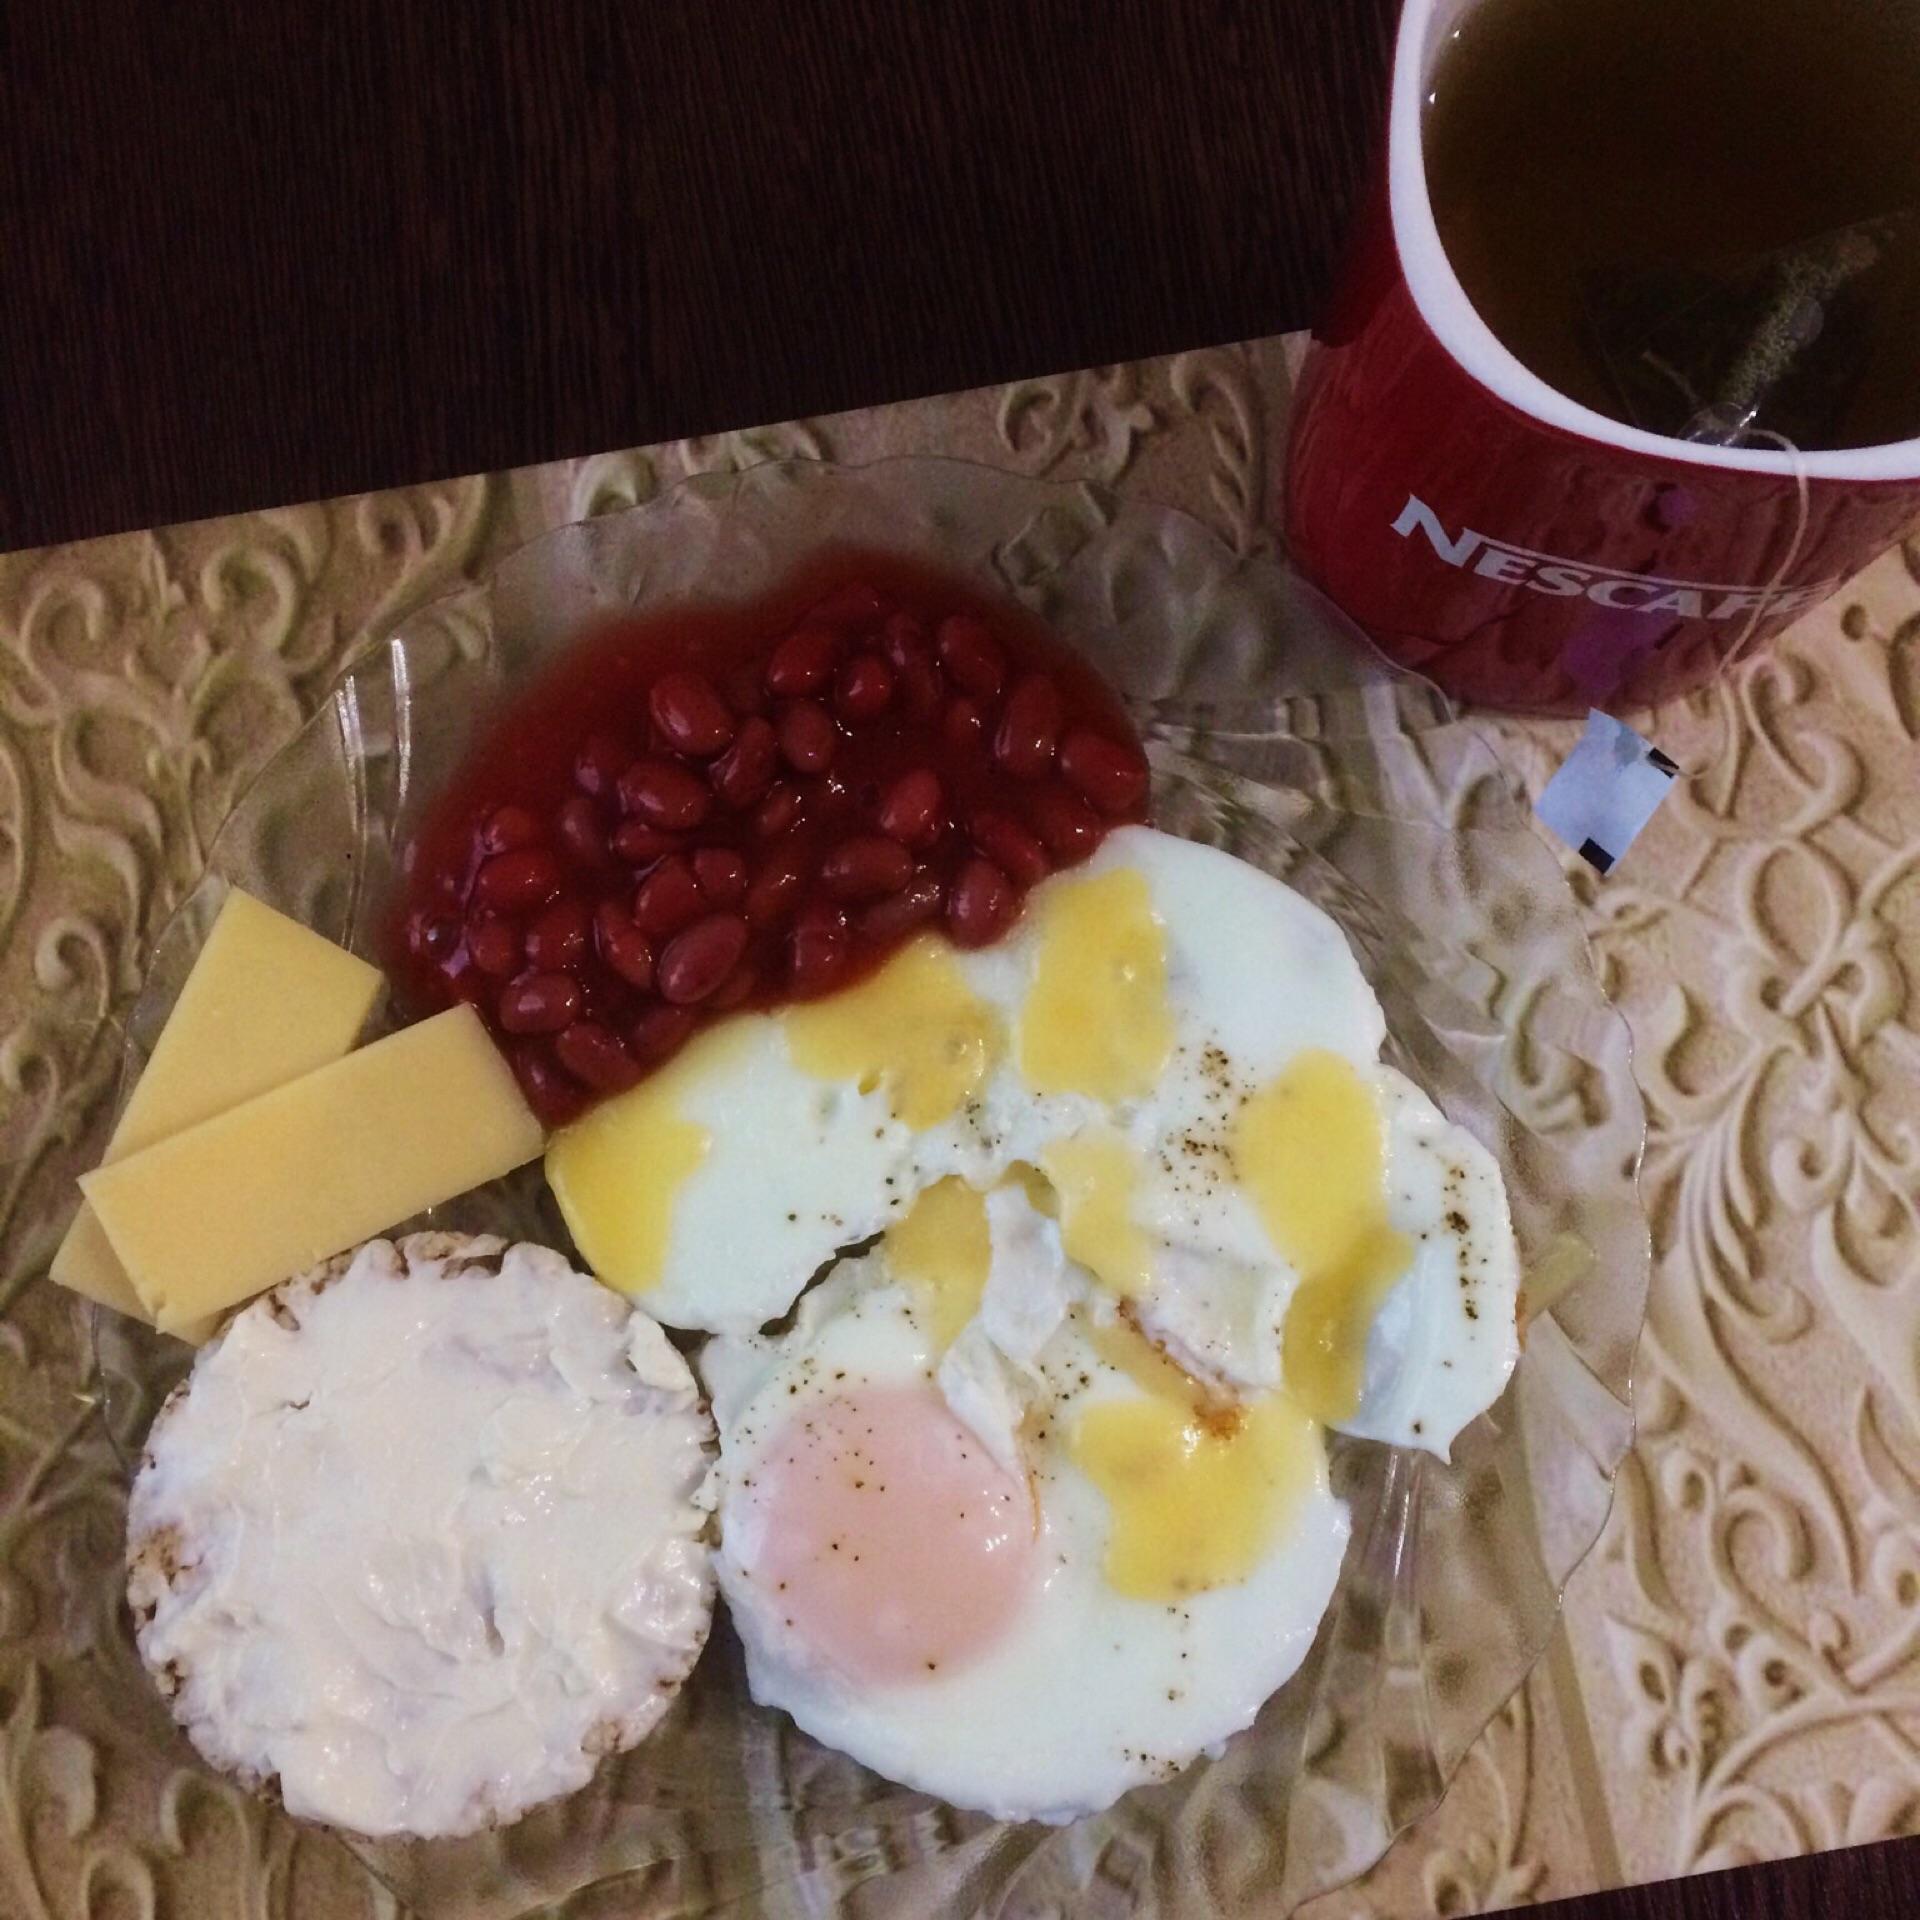 Яйцо Для Похудения На Ночь. Можно ли кушать яичный белок для похудения на ночь?